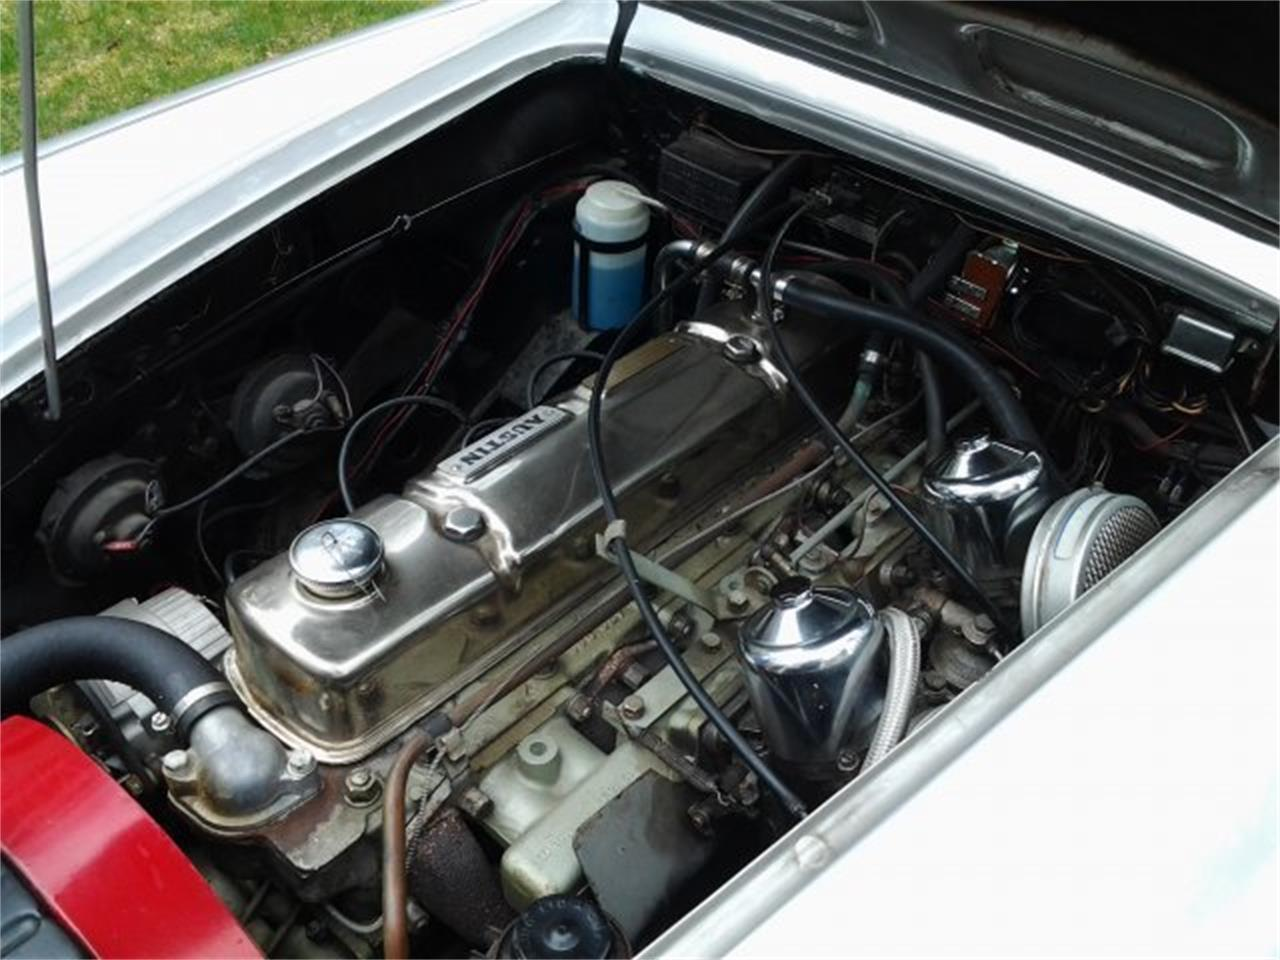 1966 Austin-Healey 3000 Mark III BJ8 (CC-1221457) for sale in Hanover, Massachusetts